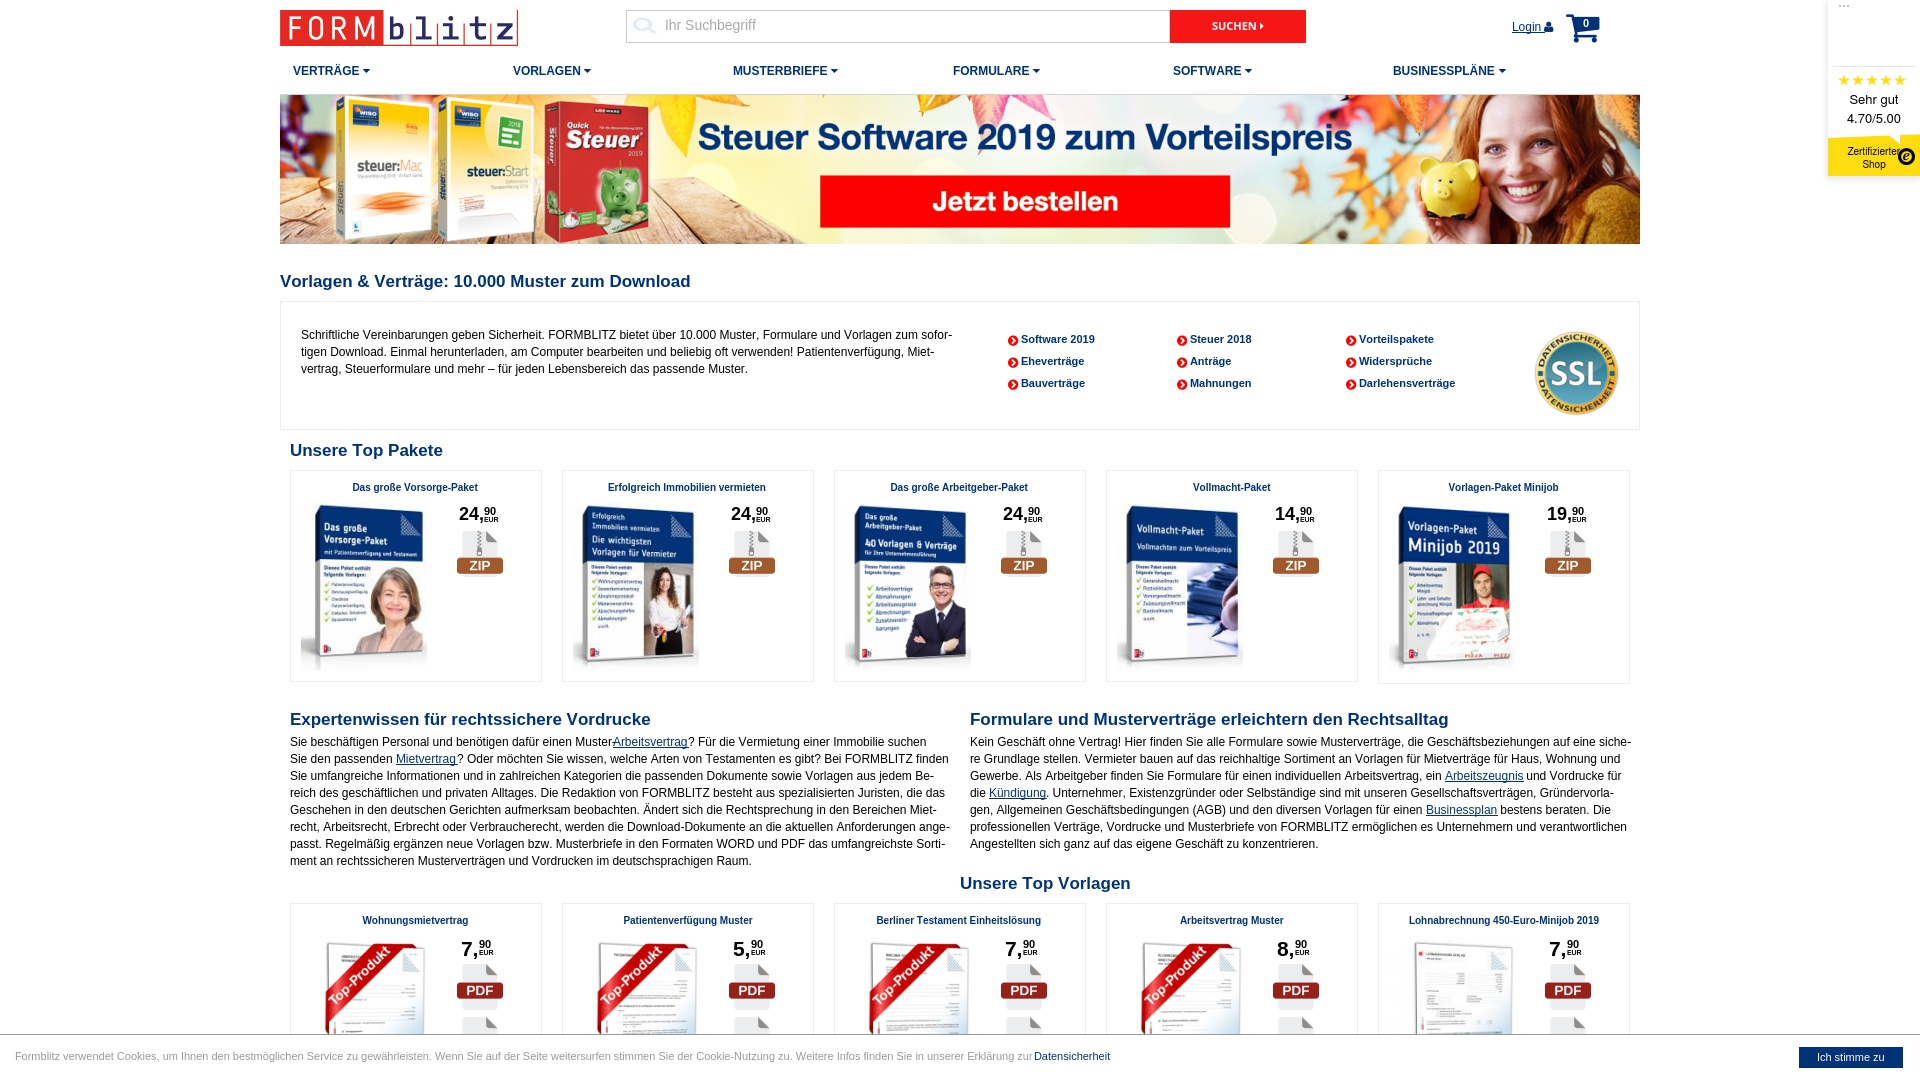 Gutschein für Formblitz: Rabatte für  Formblitz sichern